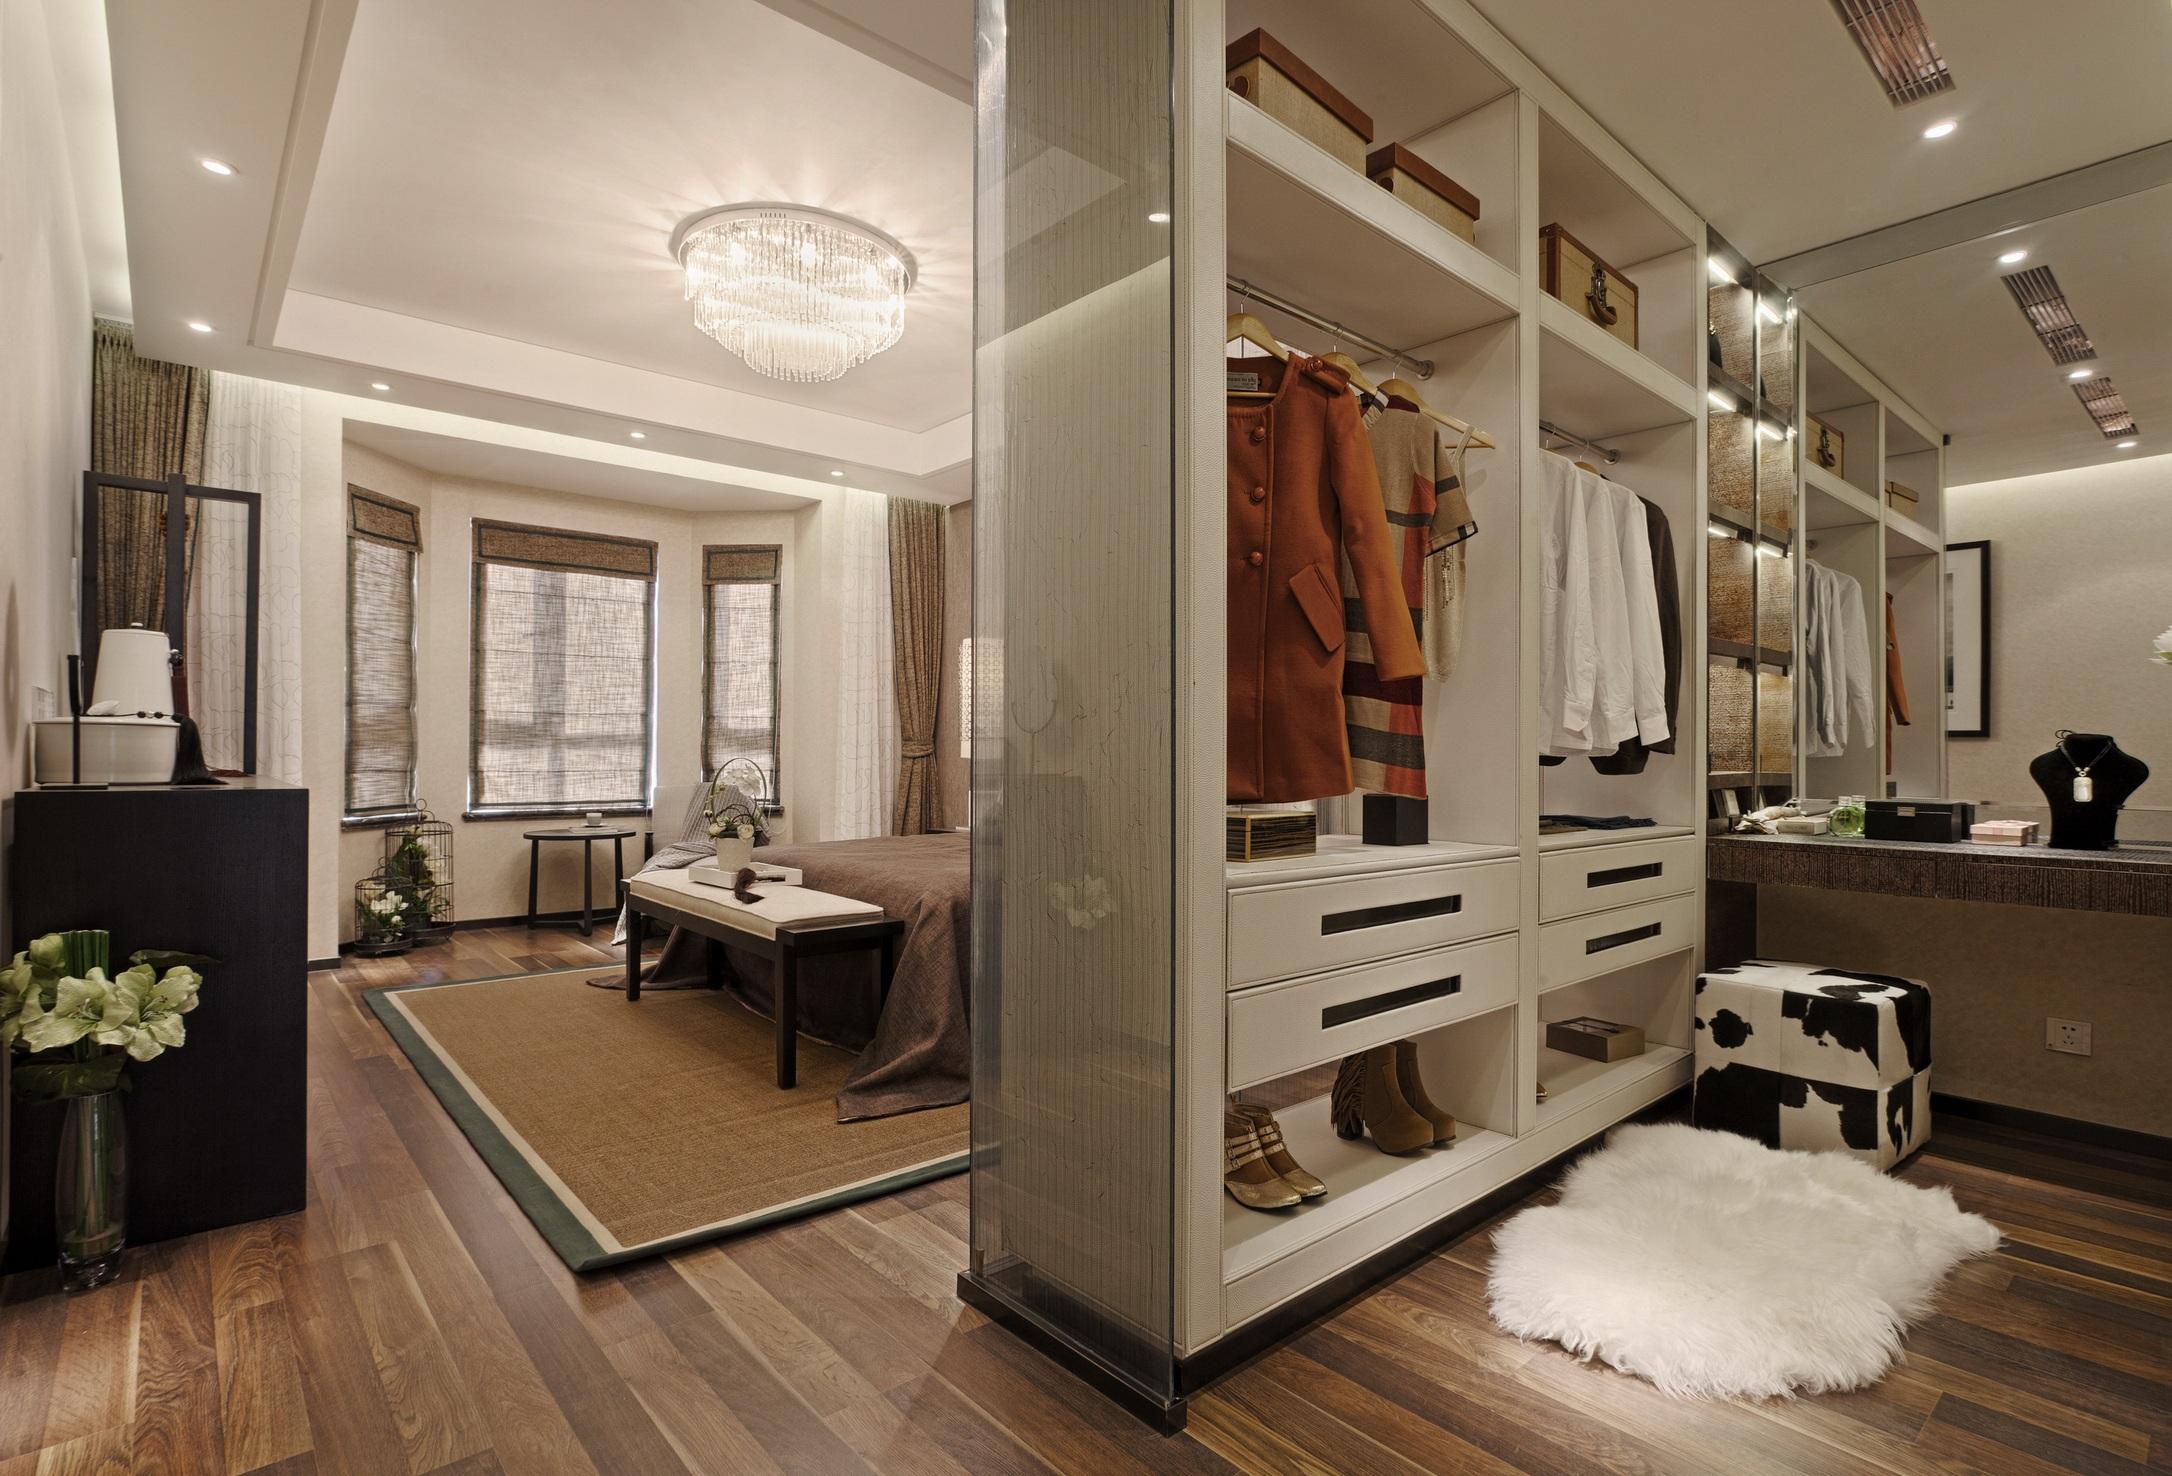 每个女人都有一个衣帽间的梦想,这个大气时尚的设计是不是满足你的所有幻想。